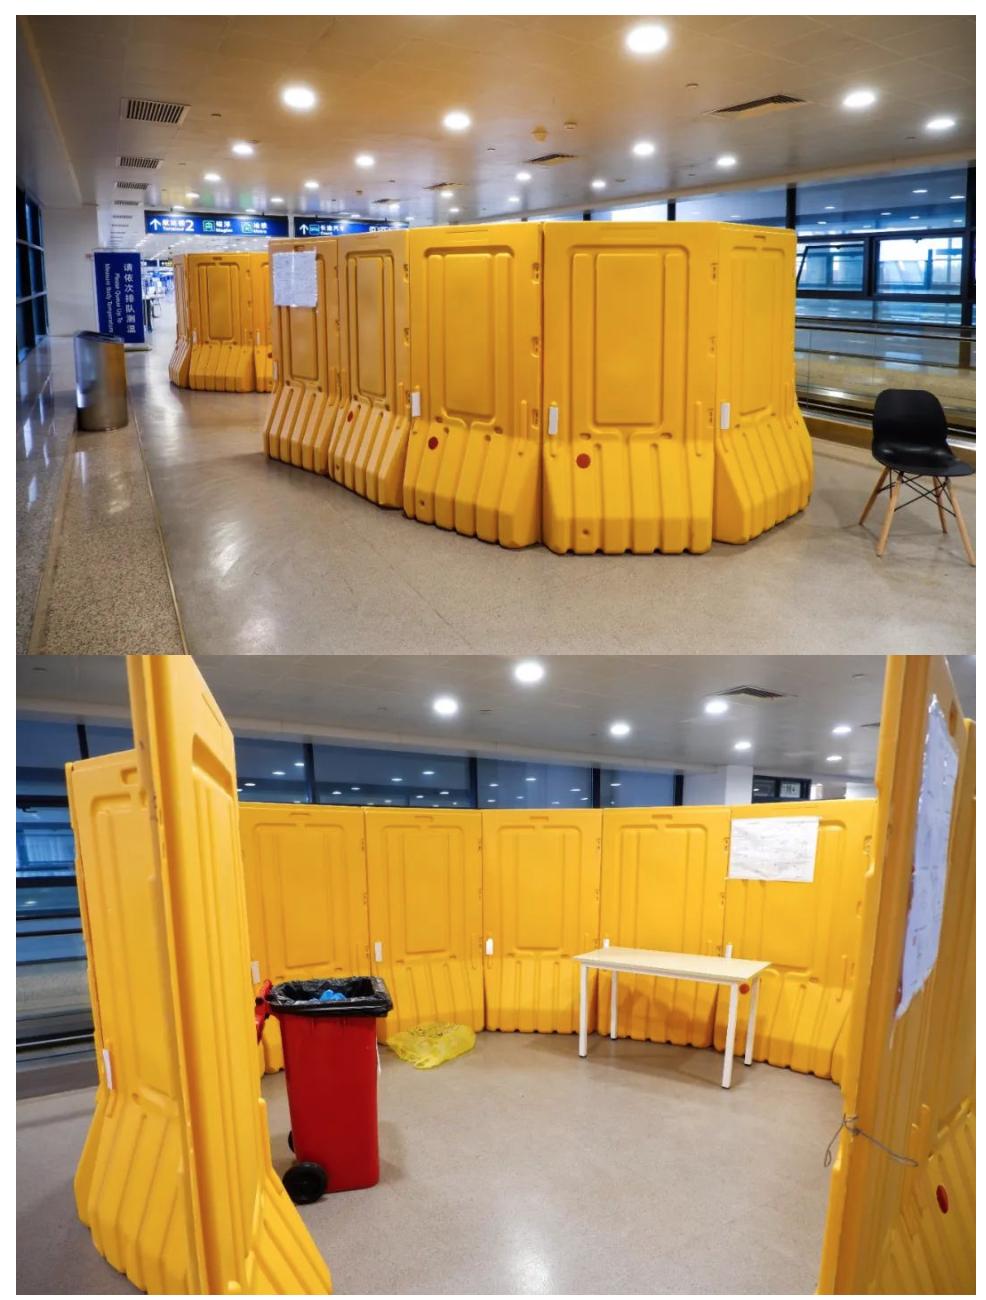 防疫做事人员的浅易更衣室,行使过的防护服屏舍在同一垃圾桶内